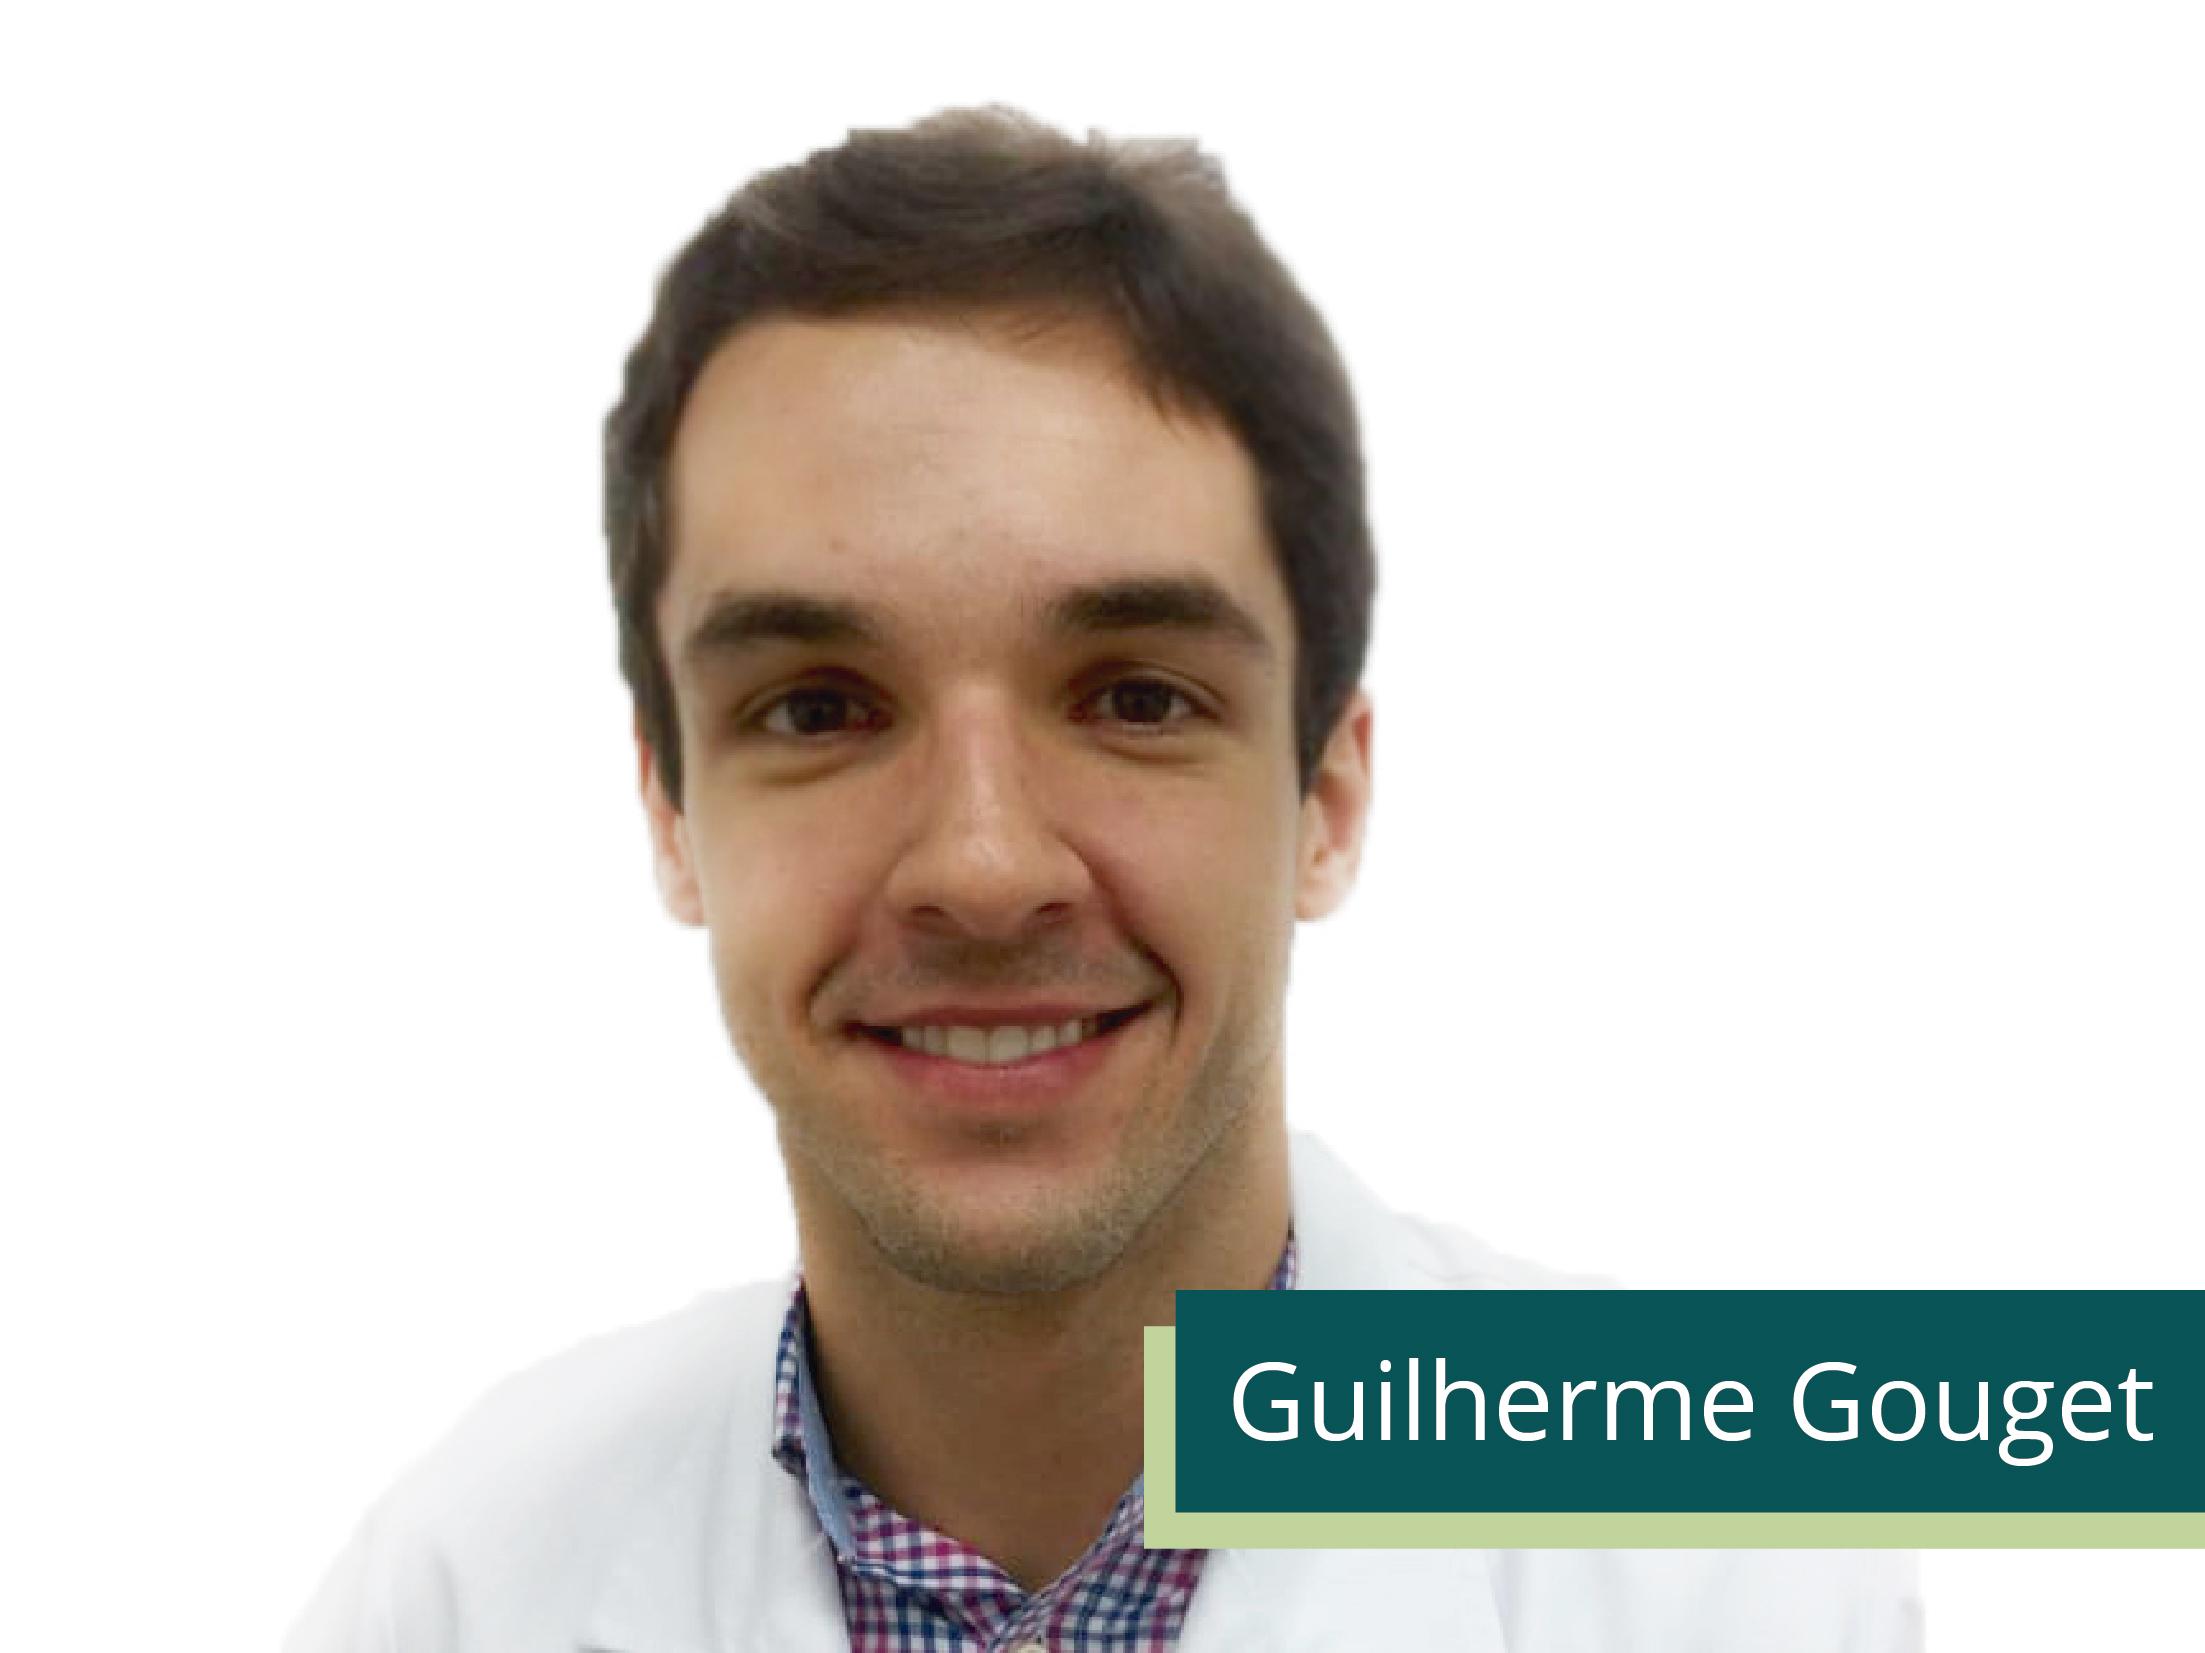 guilherme gouget